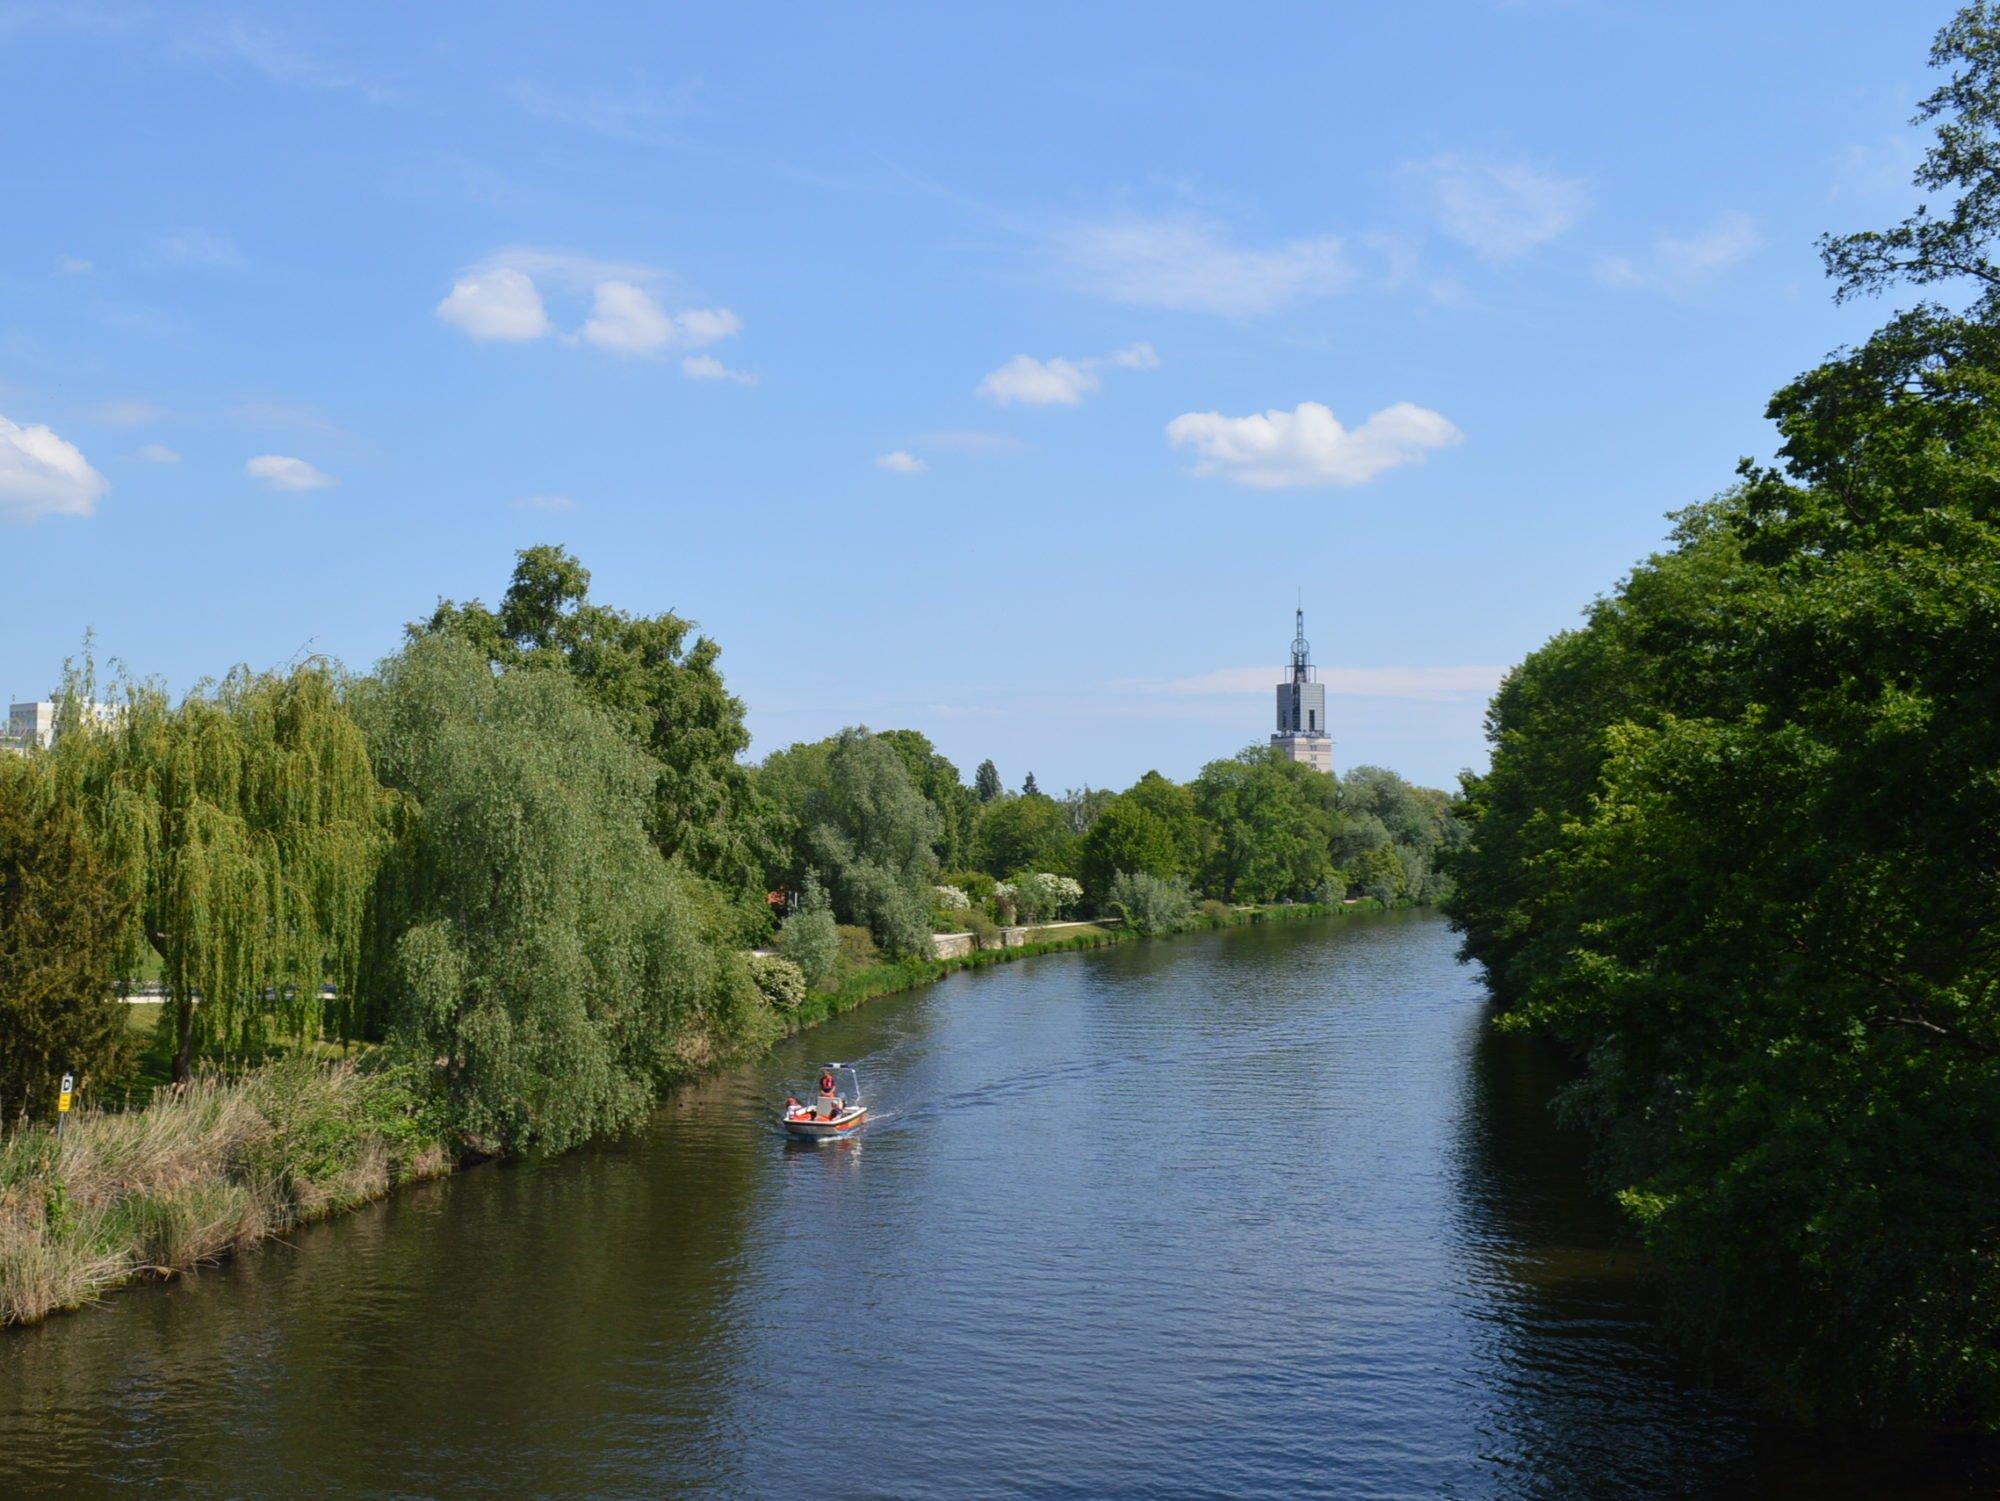 Blick auf die Havel.